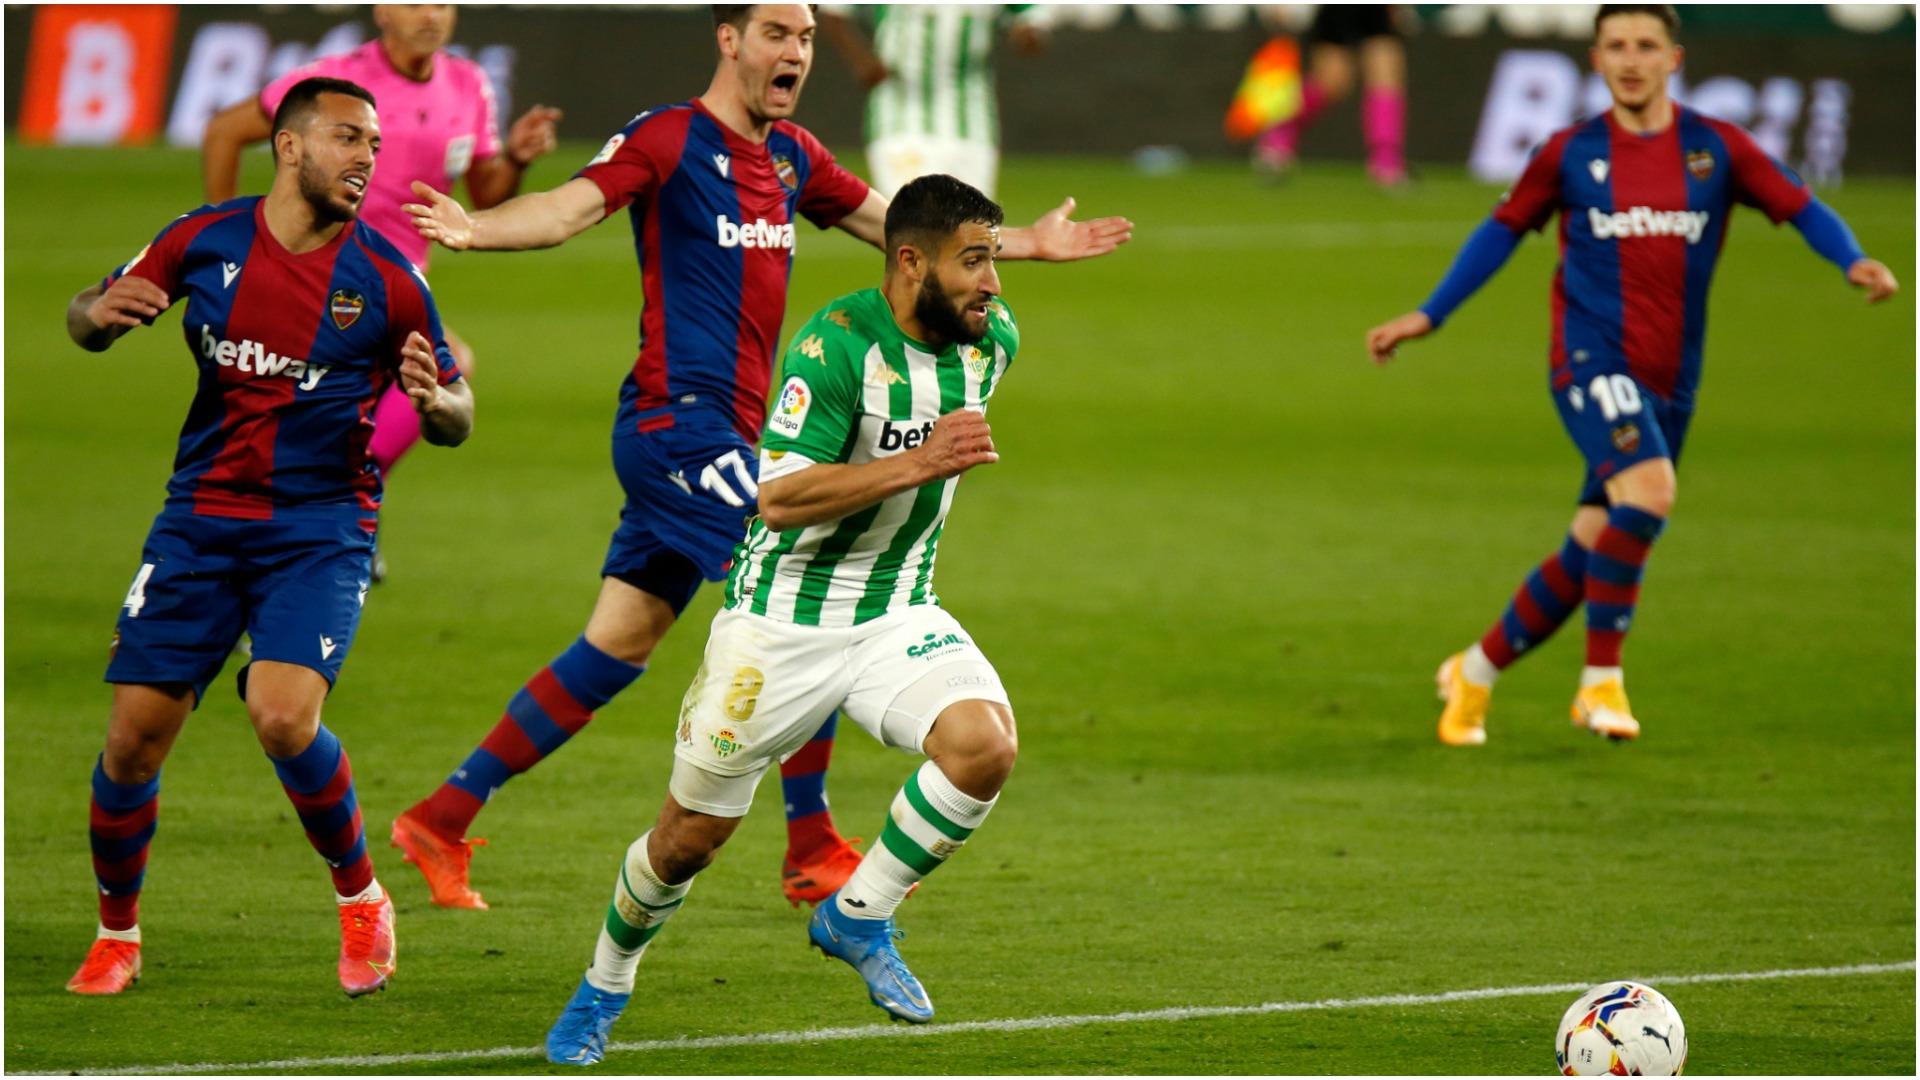 Po shkëlqen në La Liga, Fekir kërkohet nga dy klubet e mëdha europiane